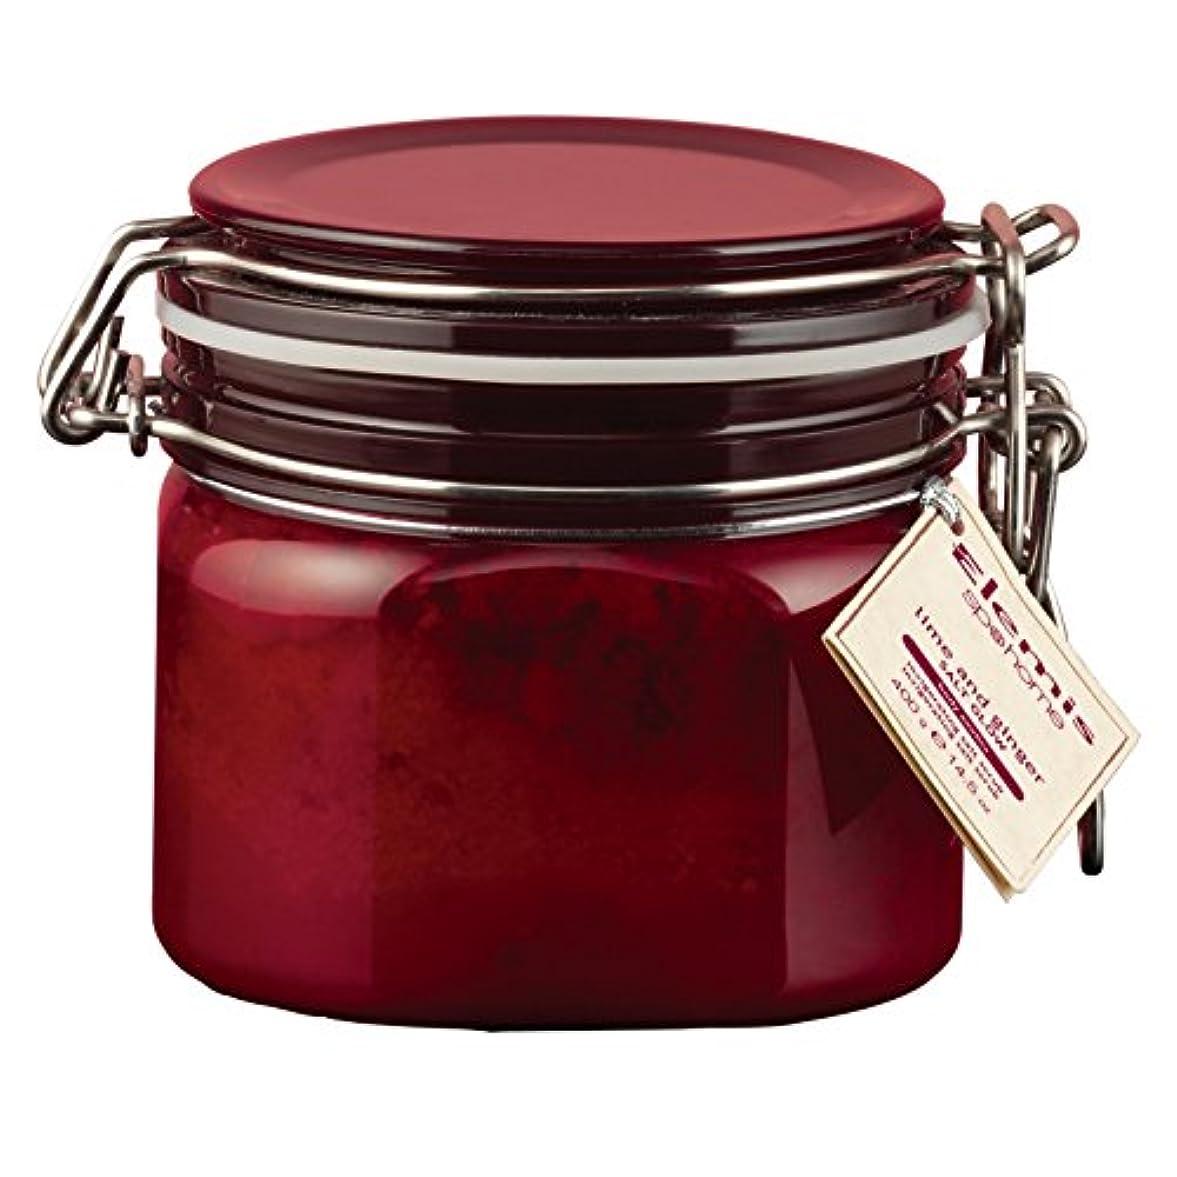 スクリューエスカレート現れるエレミスライムとジンジャーソルトグロー410グラム (Elemis) (x2) - Elemis Lime and Ginger Salt Glow 410g (Pack of 2) [並行輸入品]